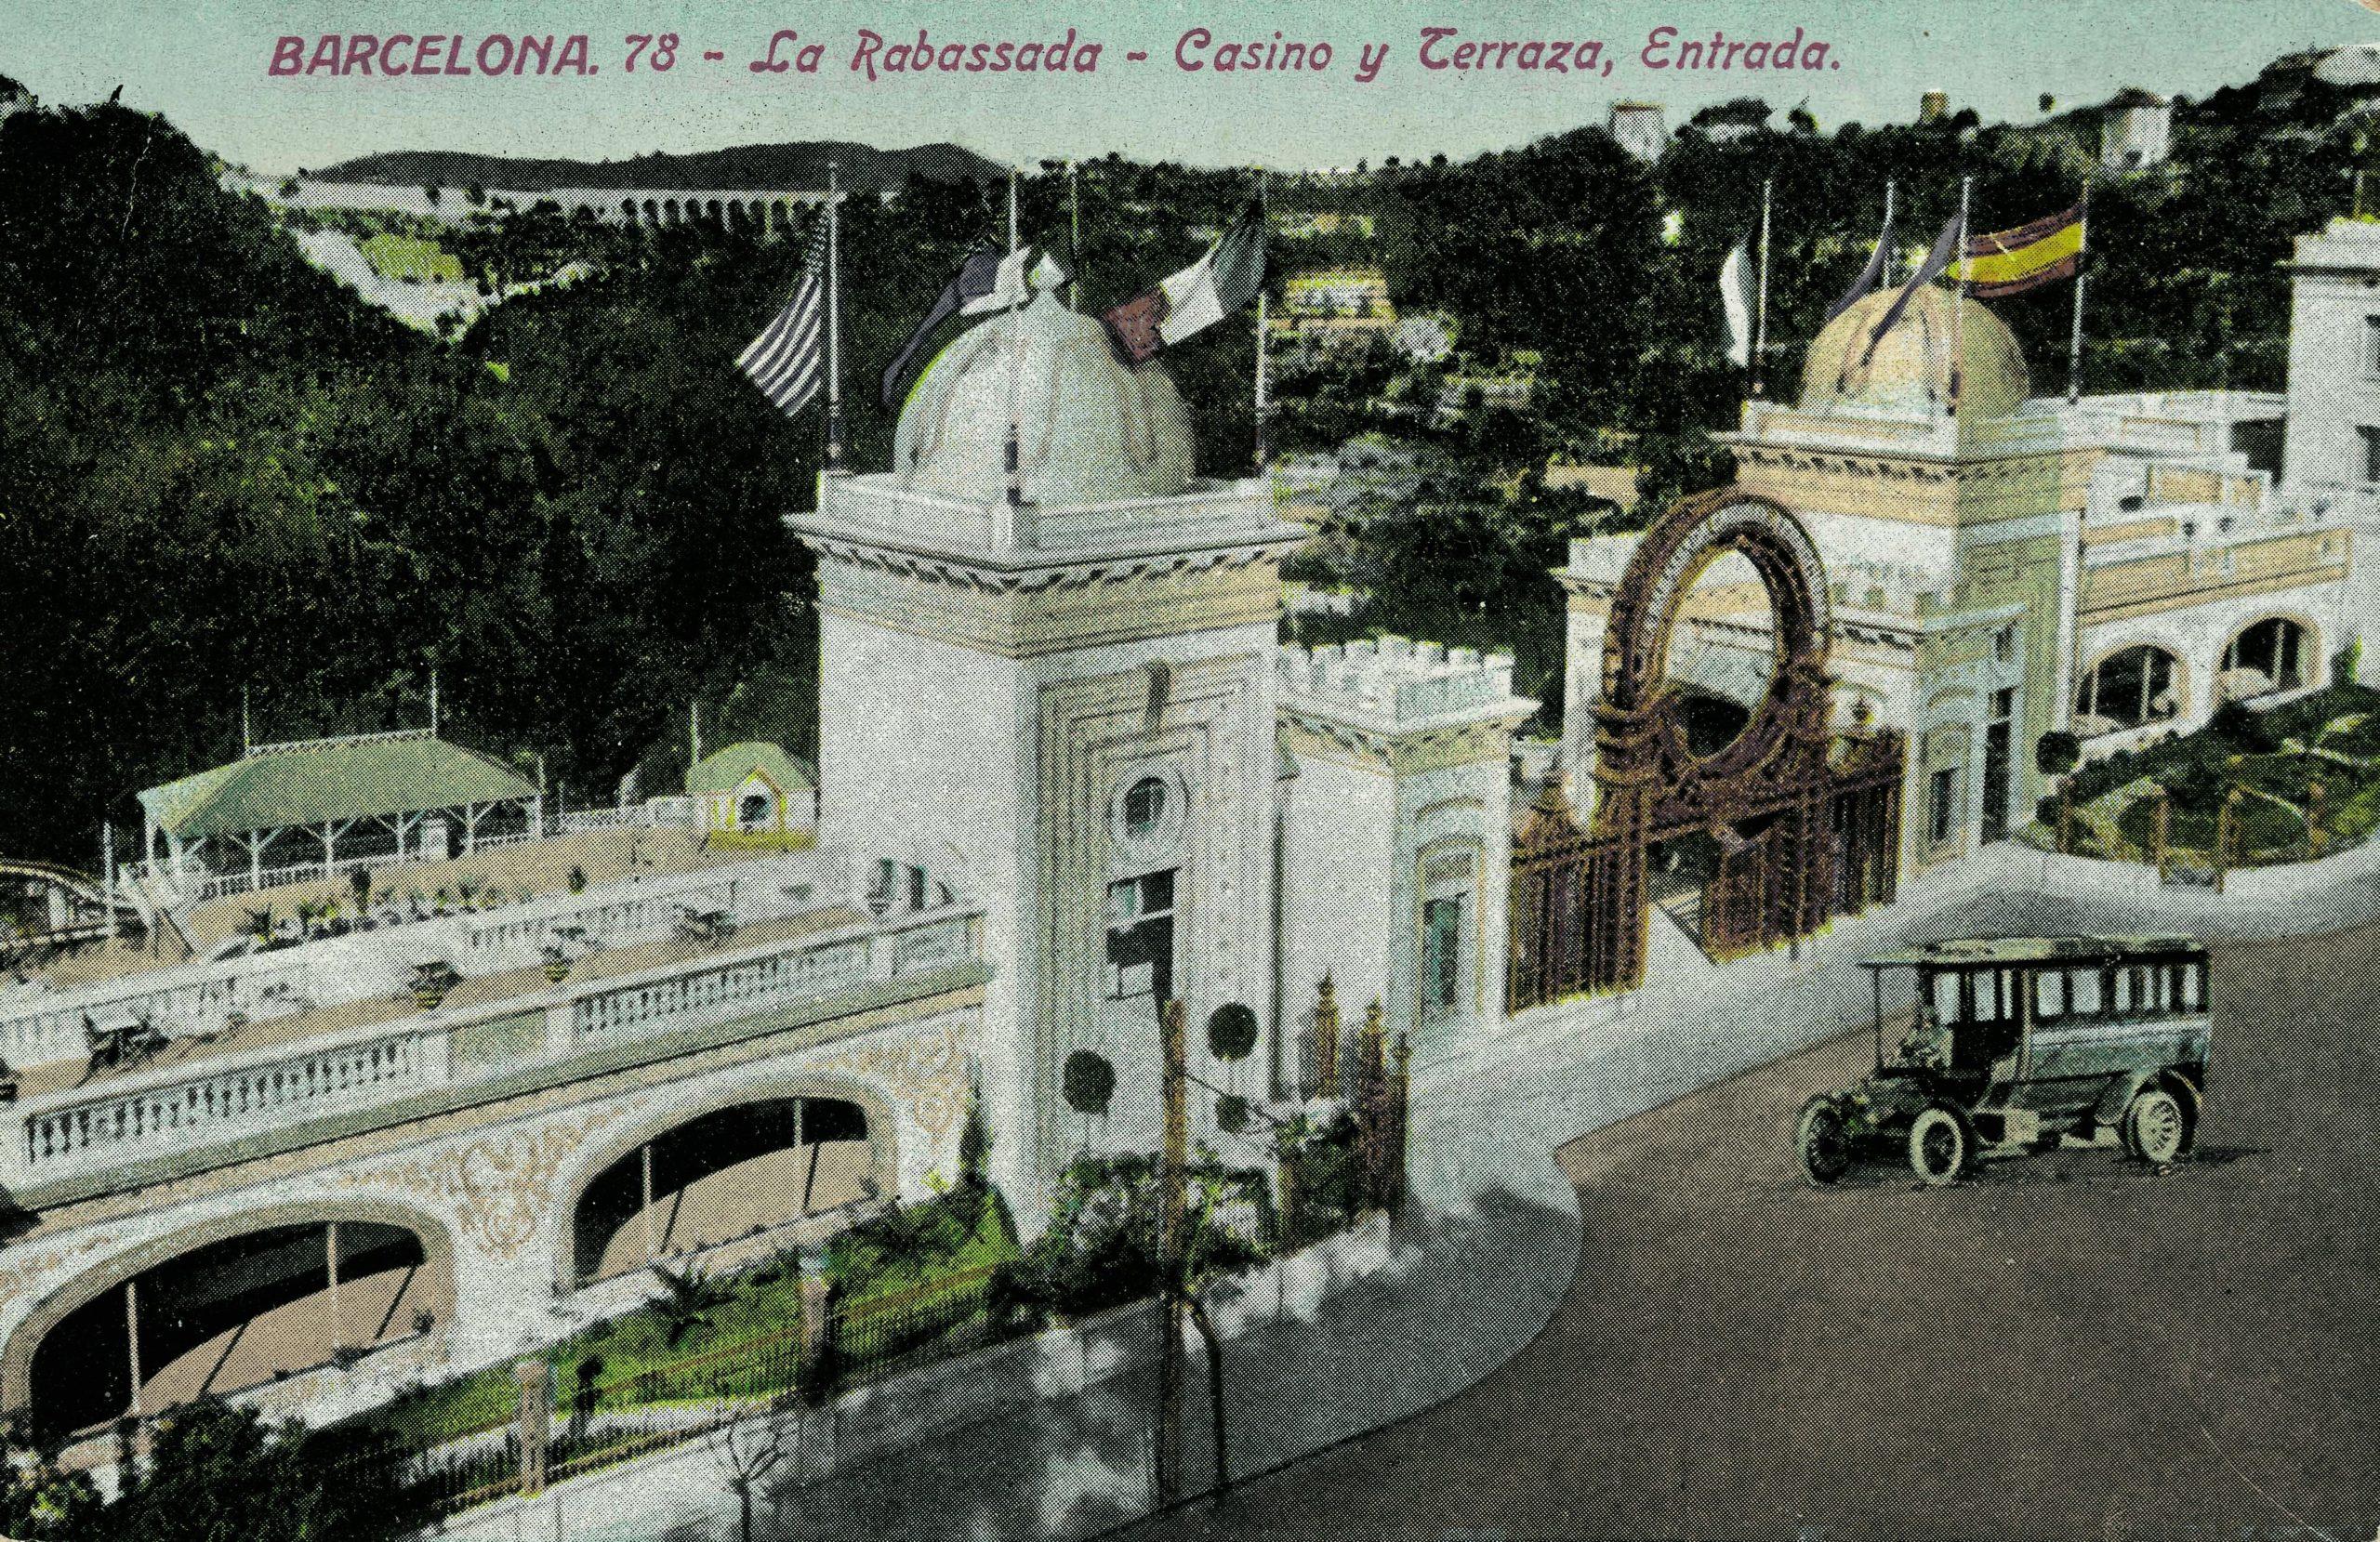 El Casino de La Rabassada: te contamos su historia - lugares